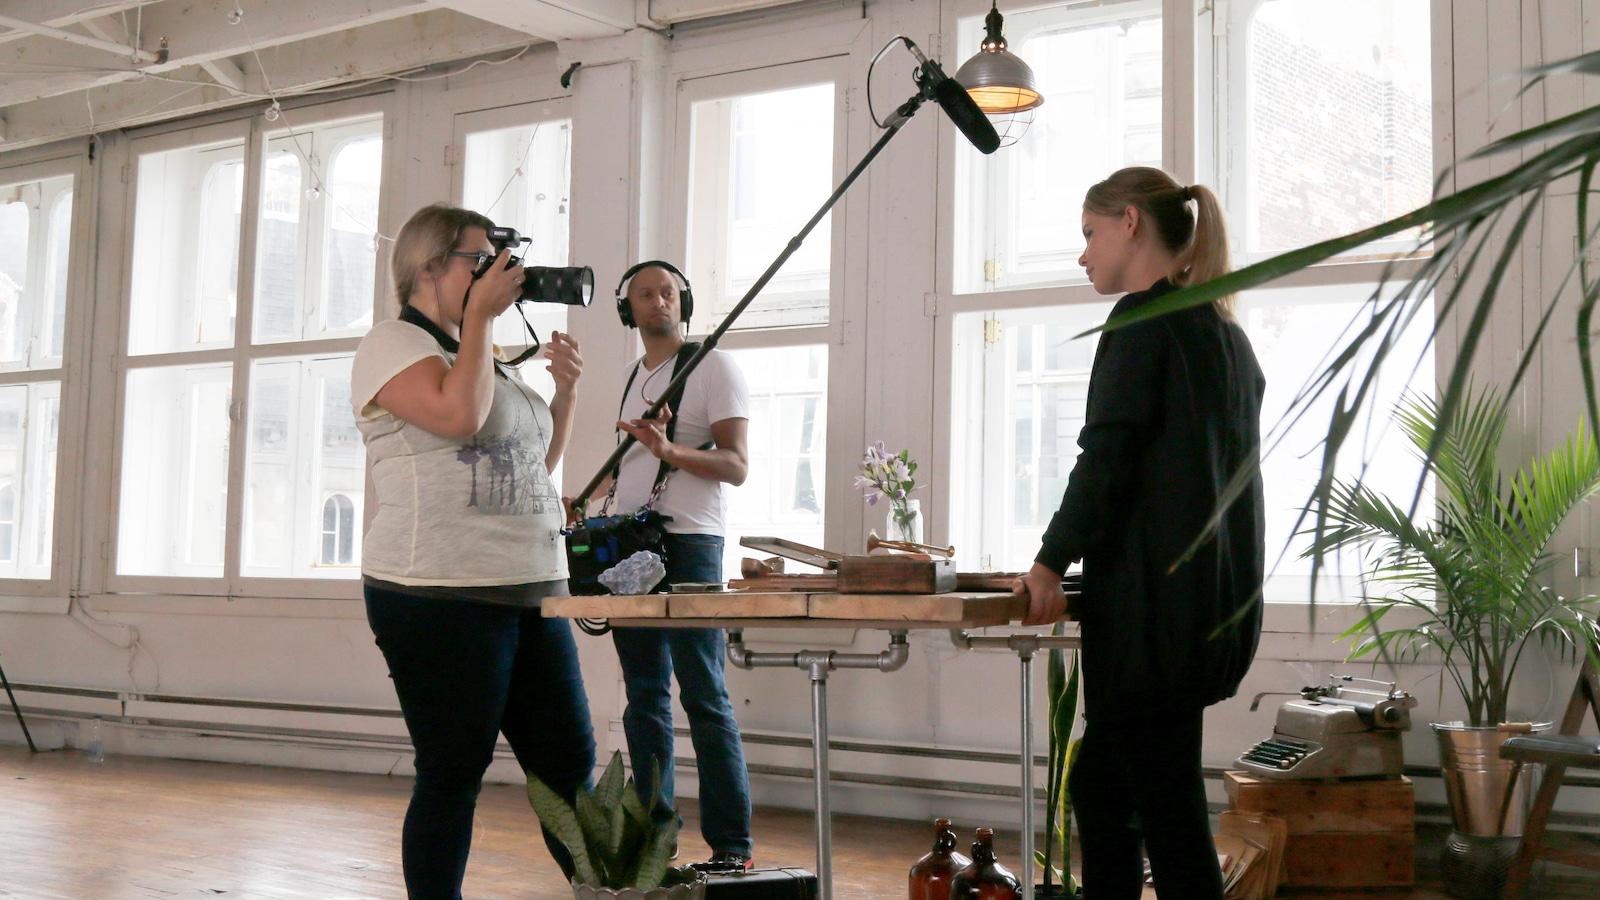 La réalisatrice pointe sa caméra vers l'invitée.